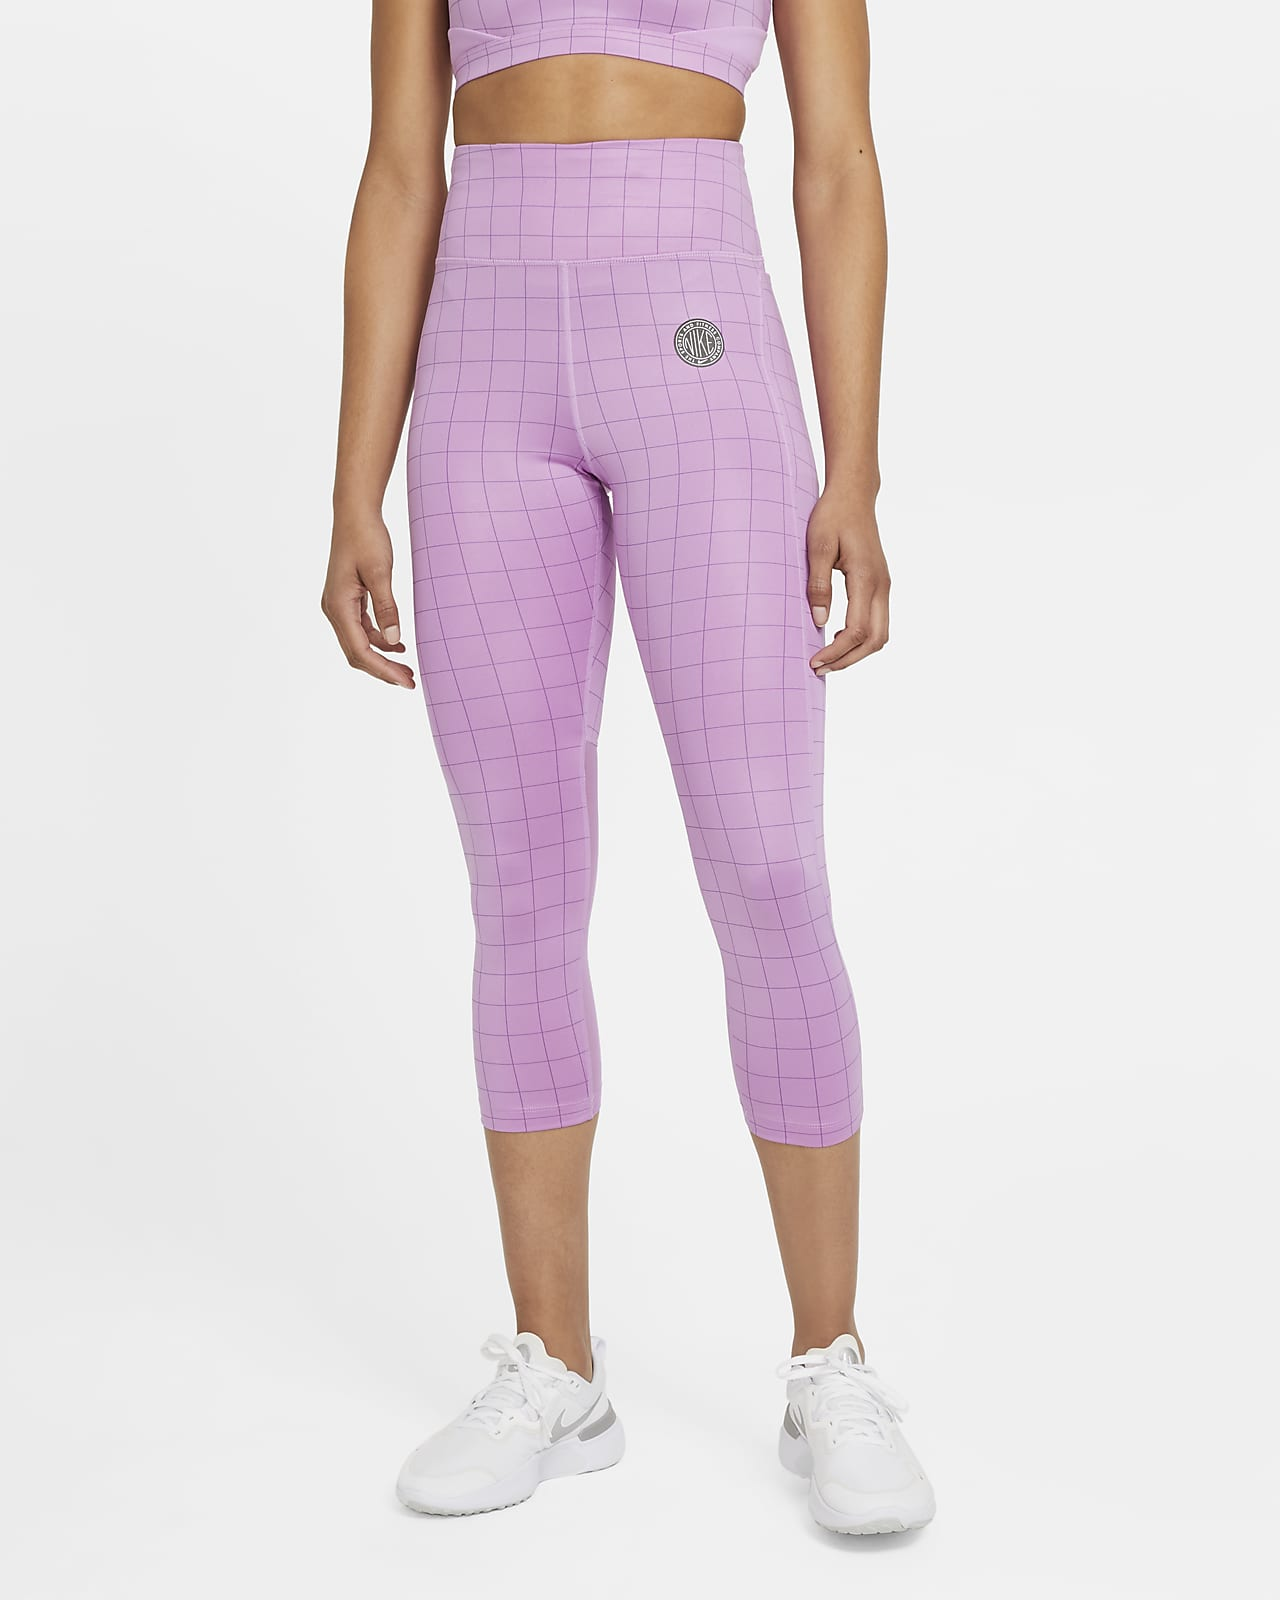 Nike Epic Fast Femme Normal Belli Bilek Üstü Kadın Koşu Taytı